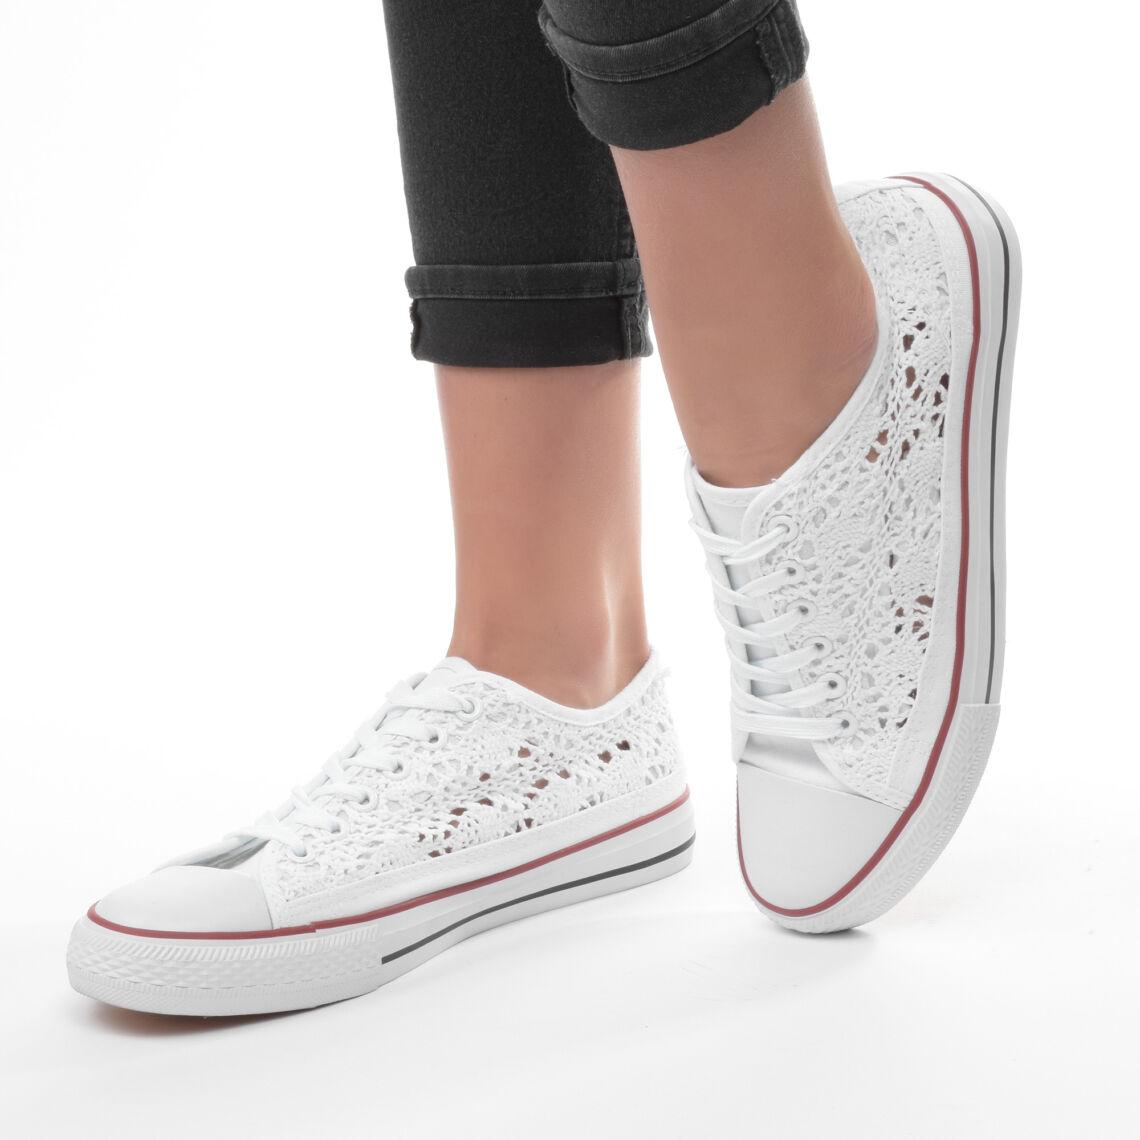 de4f3f24b7 Fehér Női Csipkés Tornacipő - SPORTCIPŐK - Női cipő webáruház-női csizmák,  női bakancsok, magassarkúk, női gumicsizma, magassarkú csizma, magassarkú  szandál ...